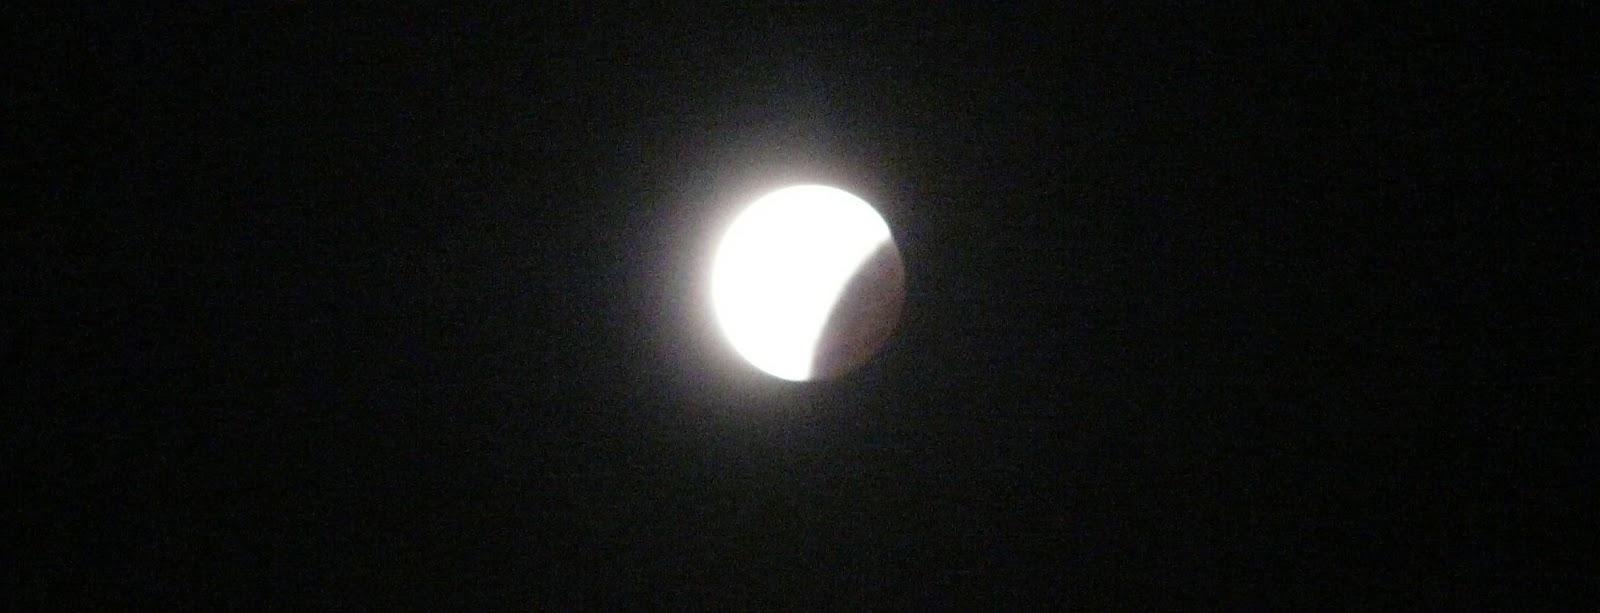 eclipse de luna sopela